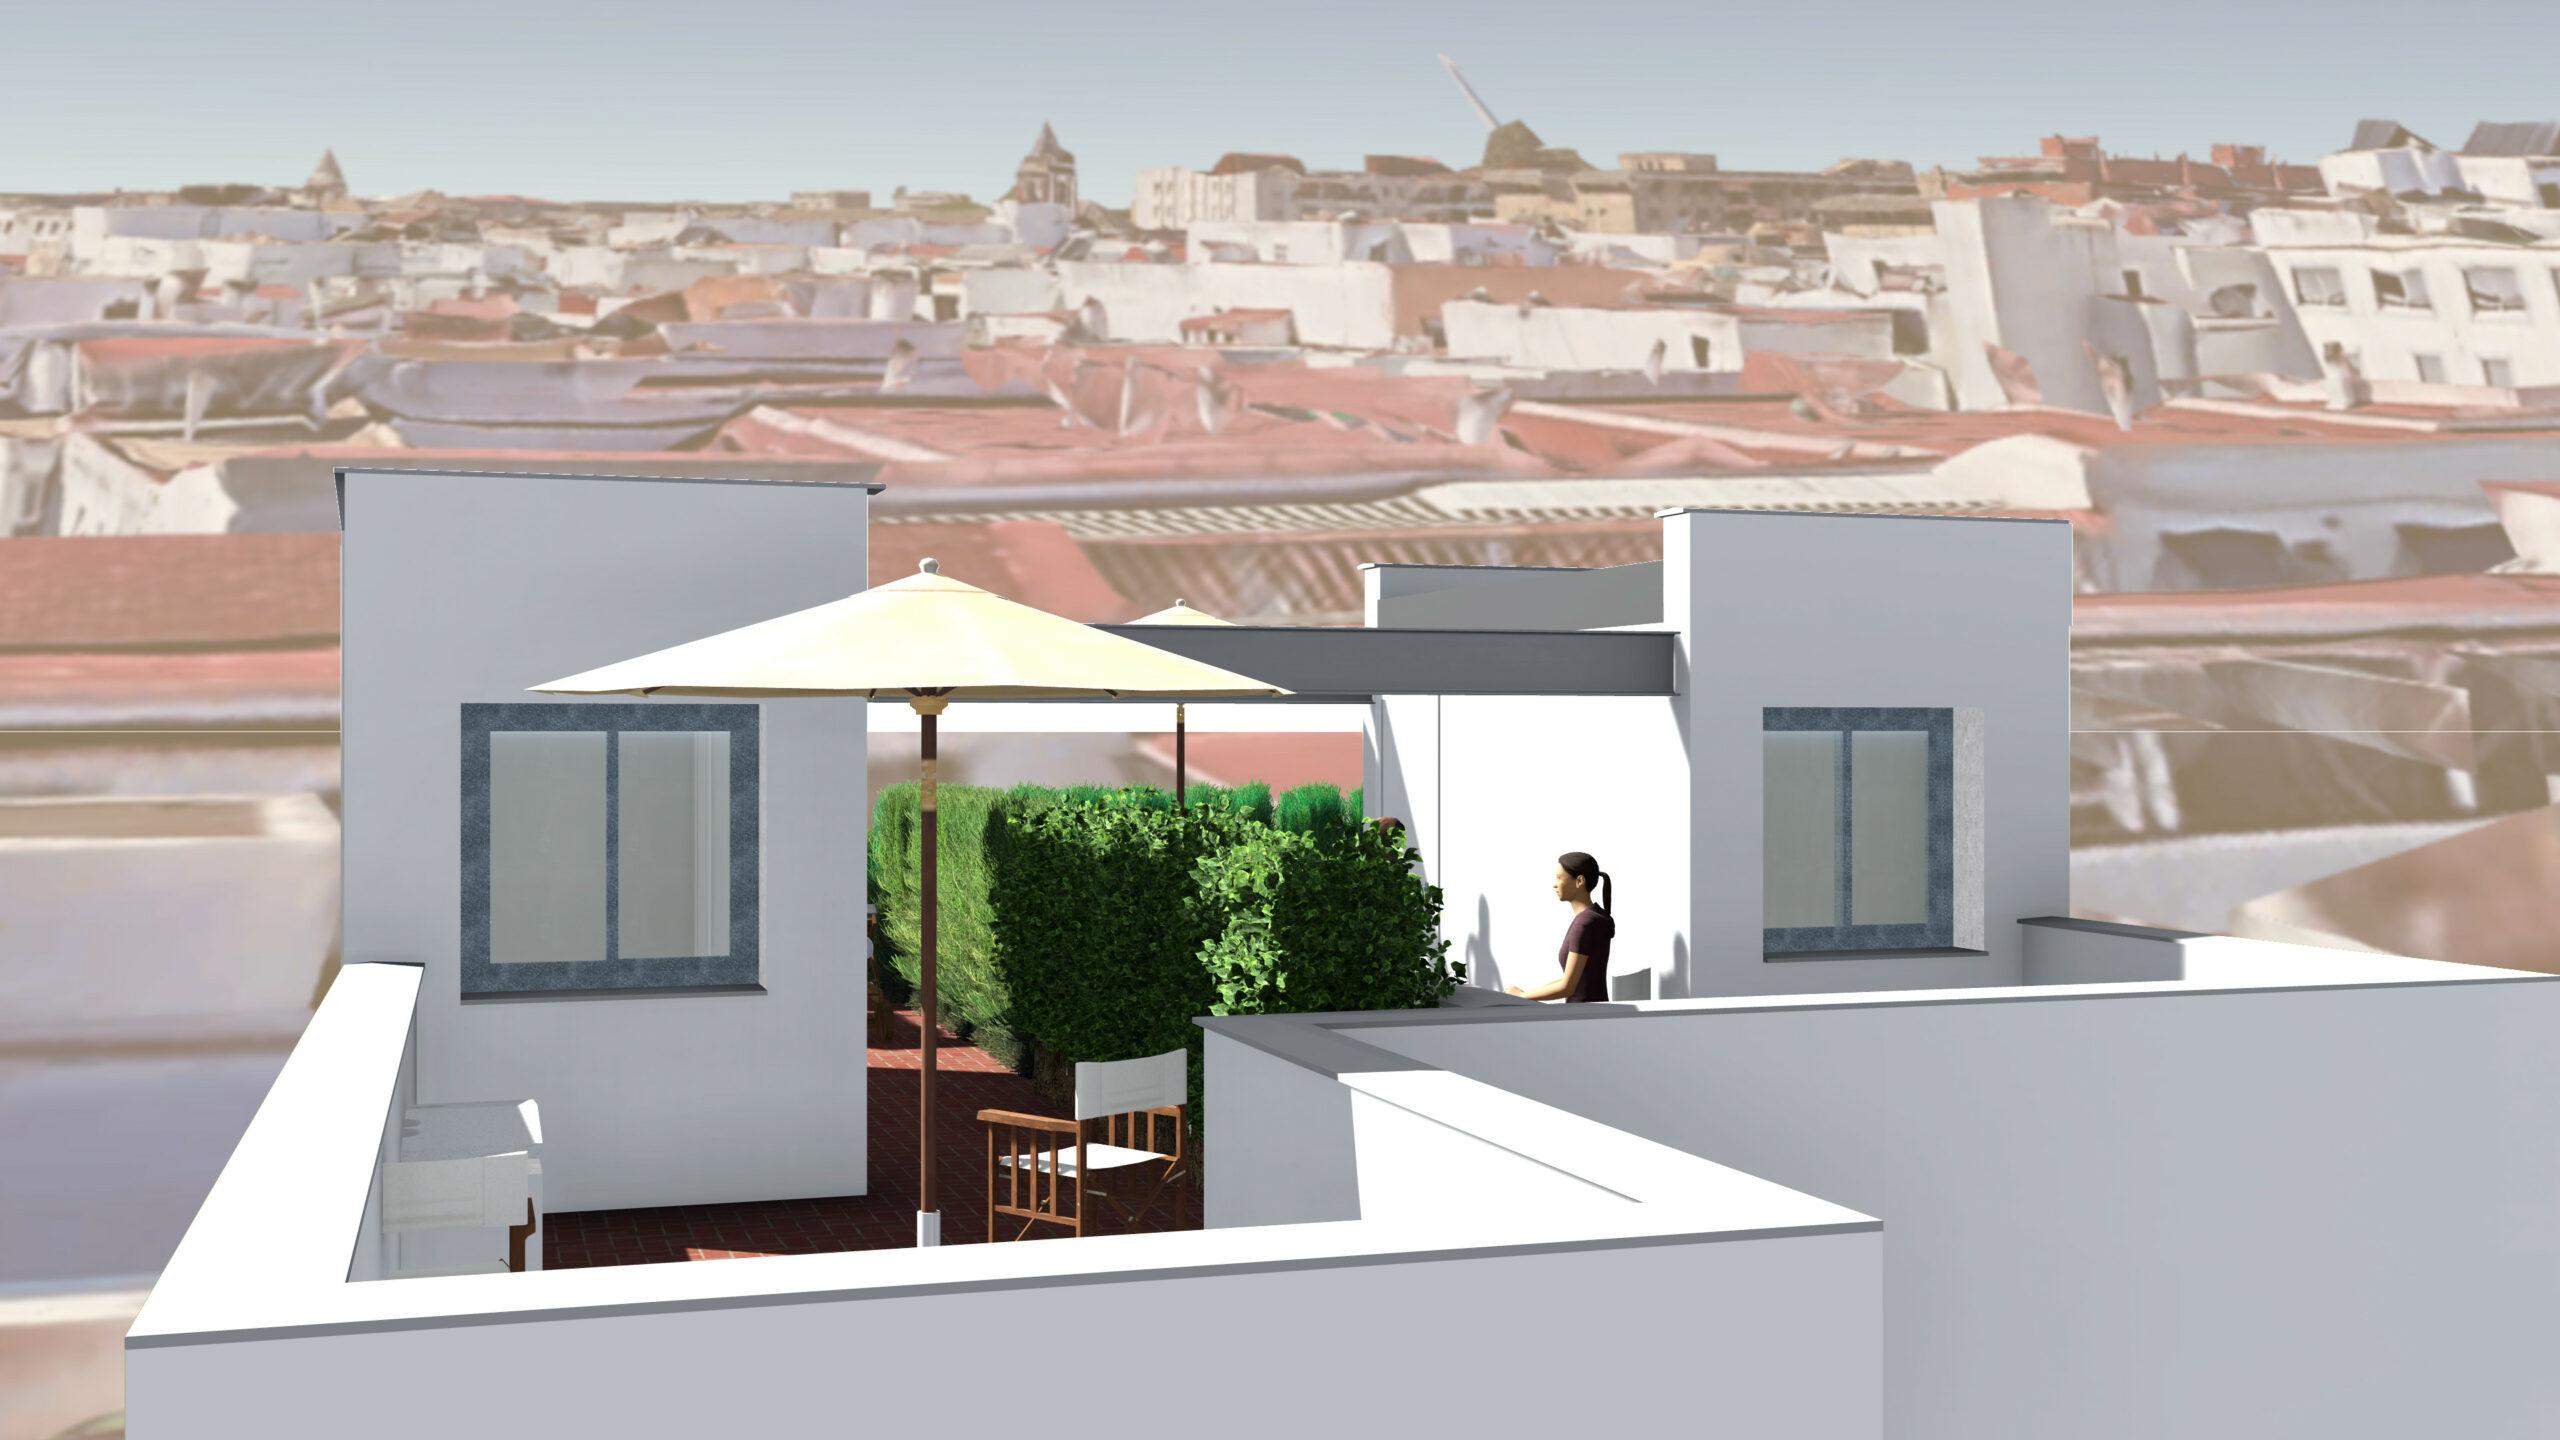 Emvisesa licita las obras de tres nuevas viviendas protegidas en alquiler en la calle Sol y obtiene licencia para promover otras 223 en Hacienda El Rosario y San Juan de La Salle